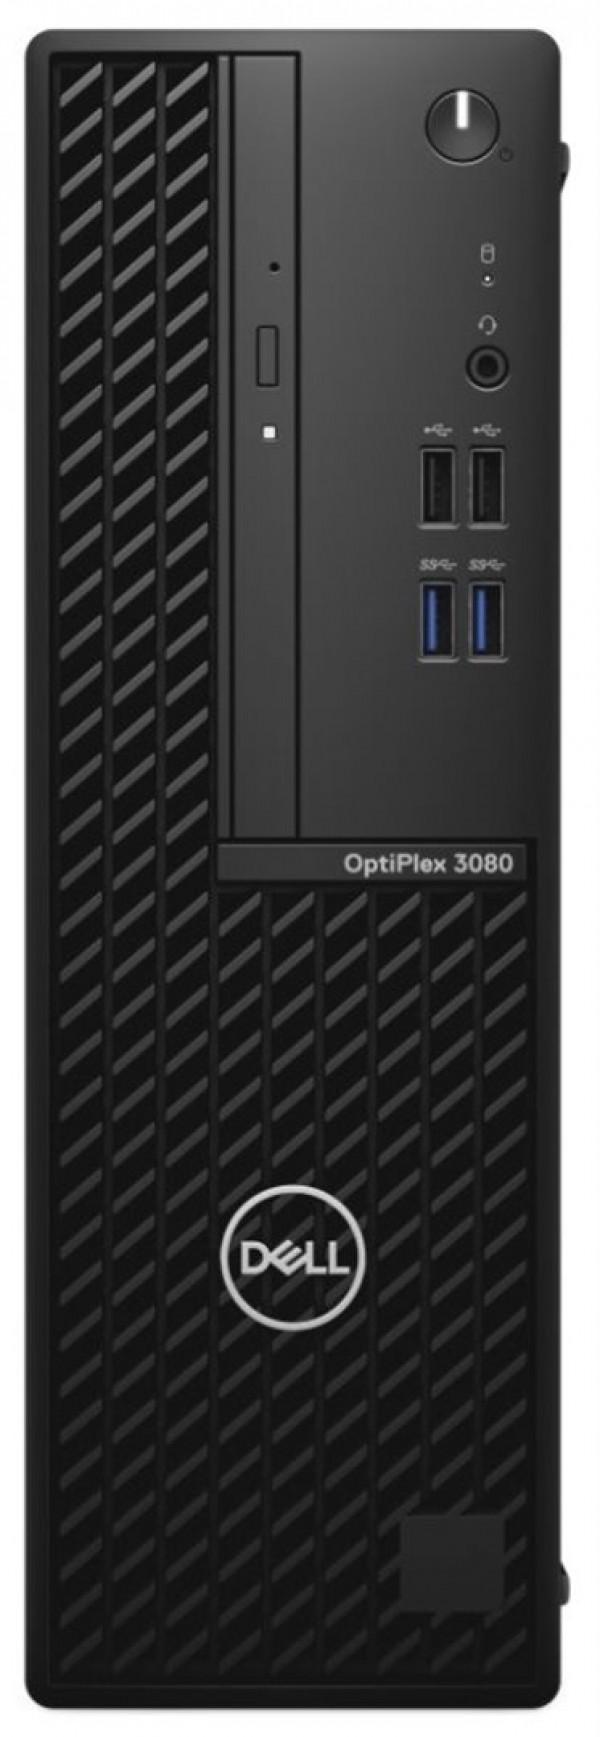 DELL OptiPlex 3080 SF i3-10100 8GB 256GB SSD DVDRW Win10Pro 3yr NBD